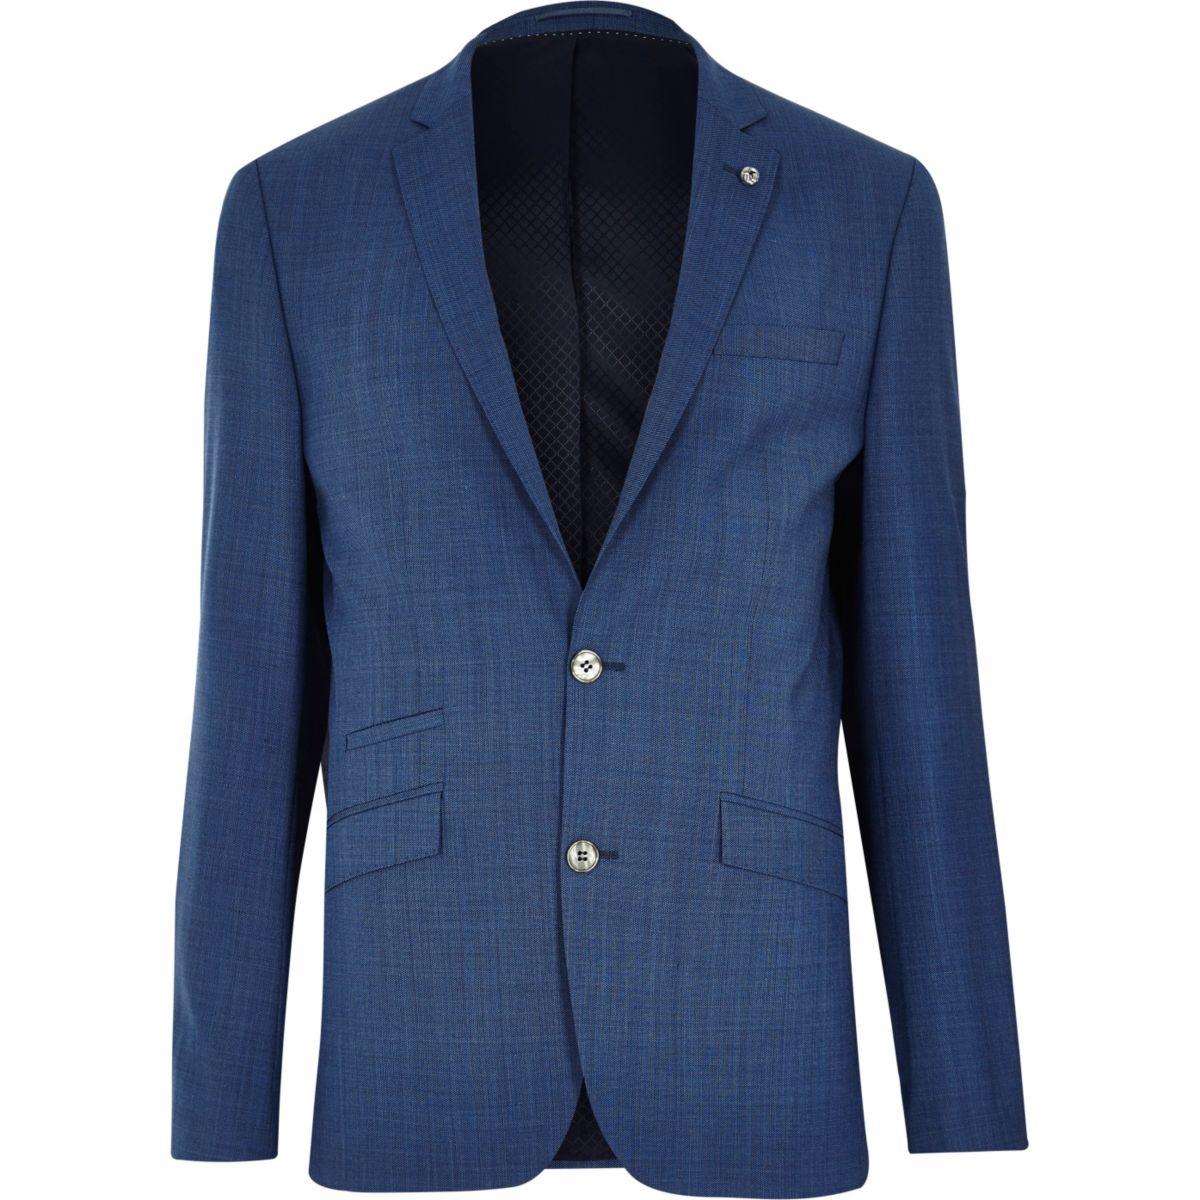 Veste de costume bleue cintrée texturée